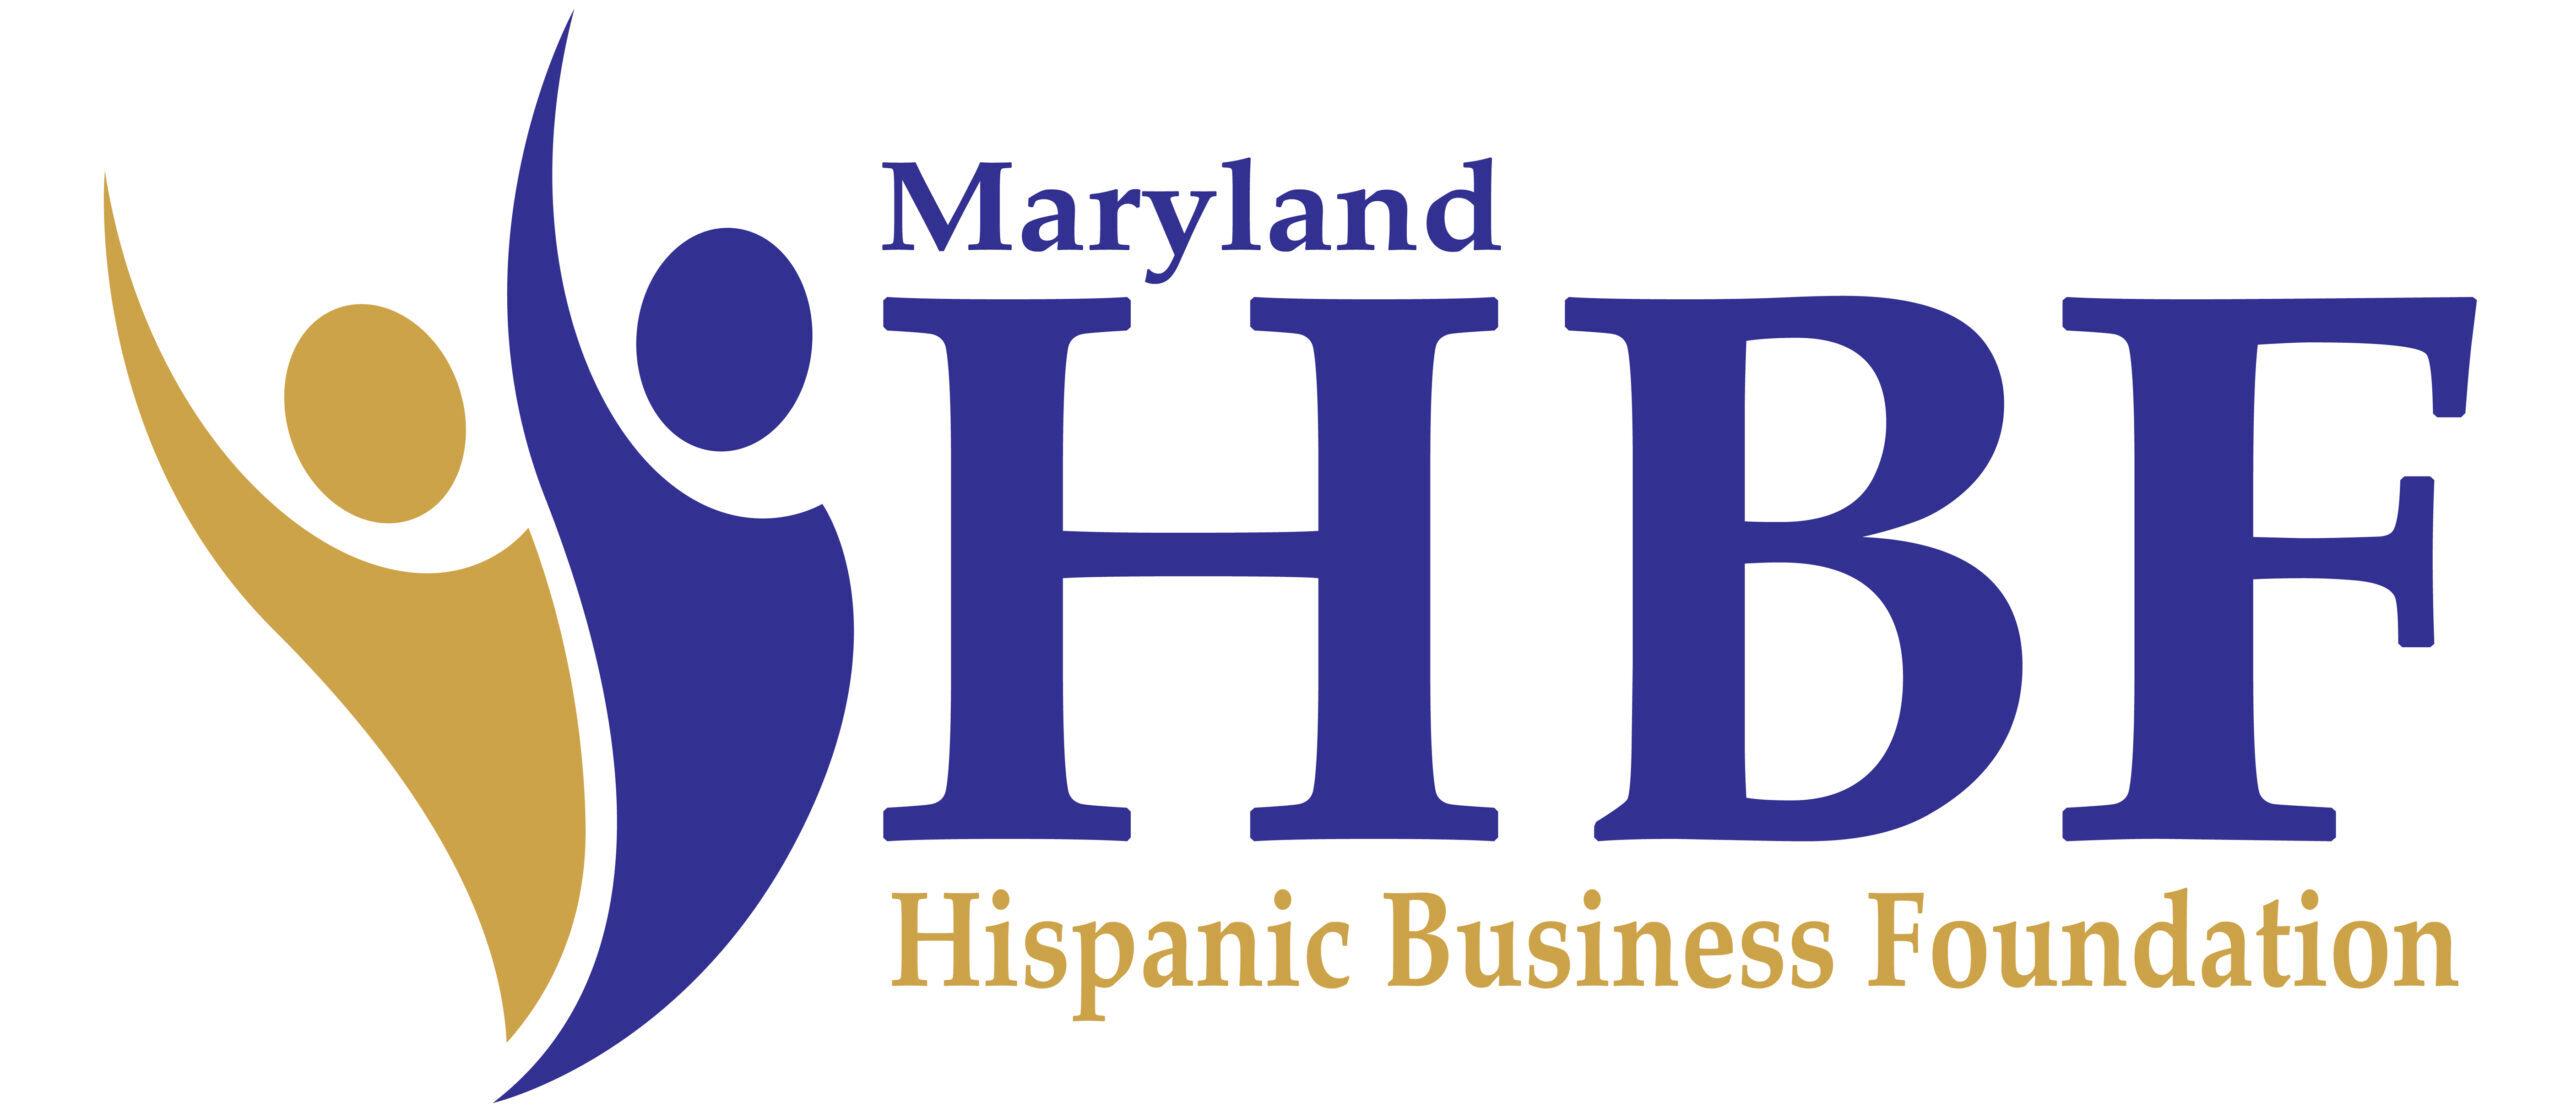 Hispanic Business Foundation of Maryland